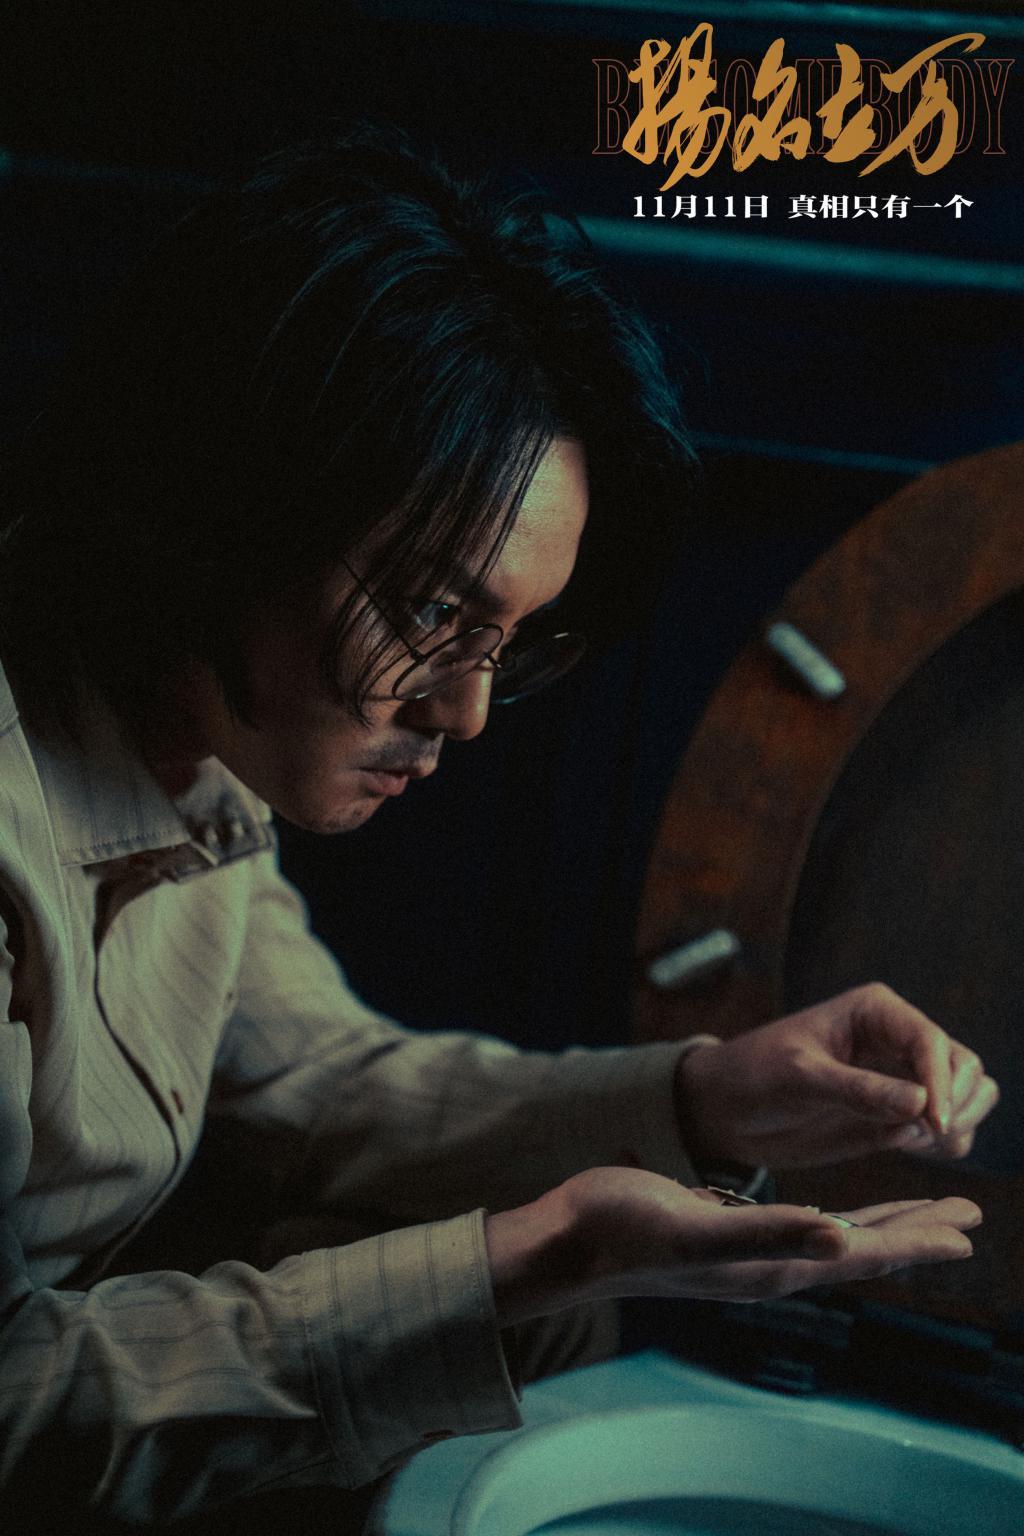 韩寒首部监制电影《扬名立万》提档 11.11    戏中戏案中案交织年度悬疑大戏